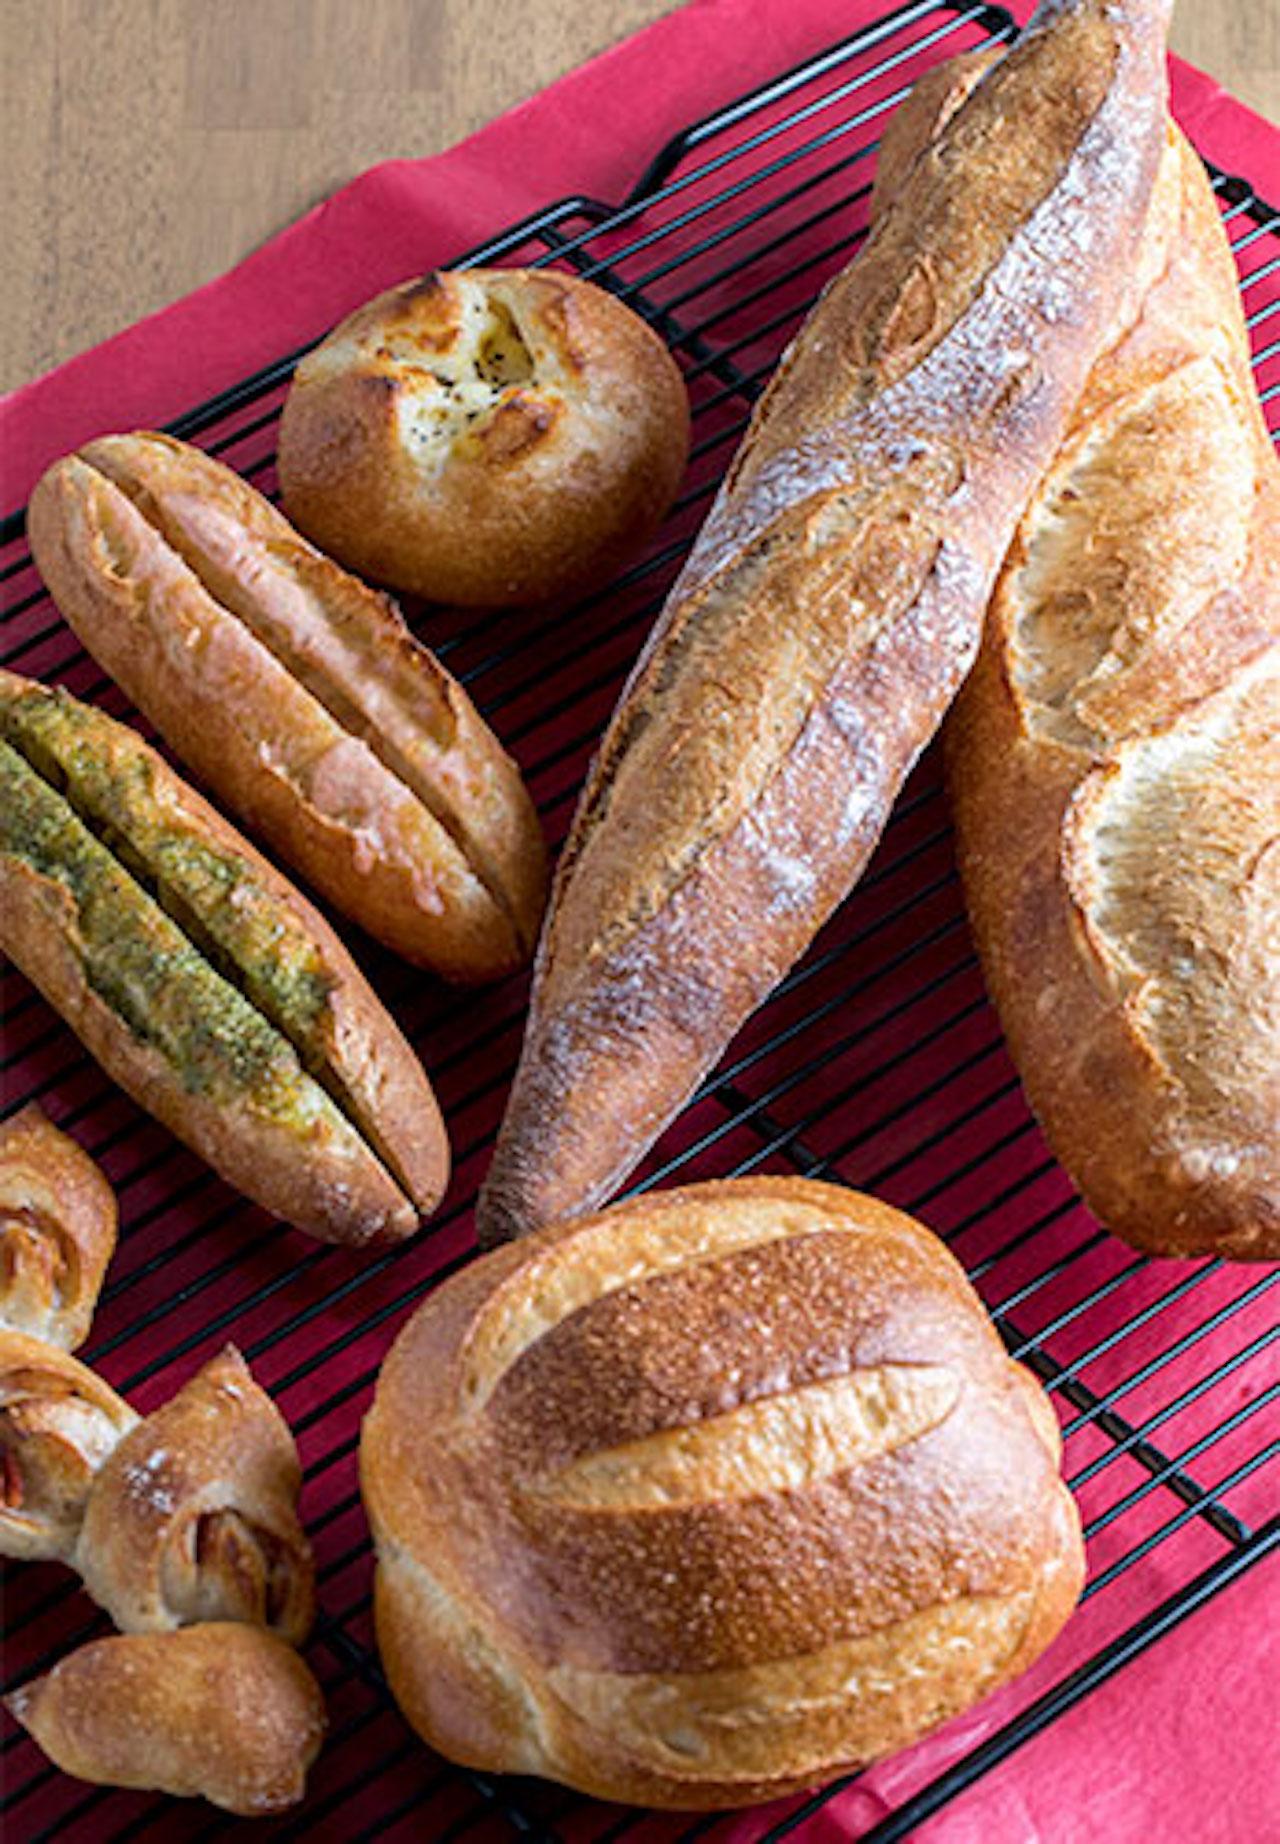 長時間発酵バゲット280円は皮が薄くて食べやすく、細長い低温熟成バゲット250円はカリッと香ばしい。フランスパン生地系も人気 ※すべて税別価格